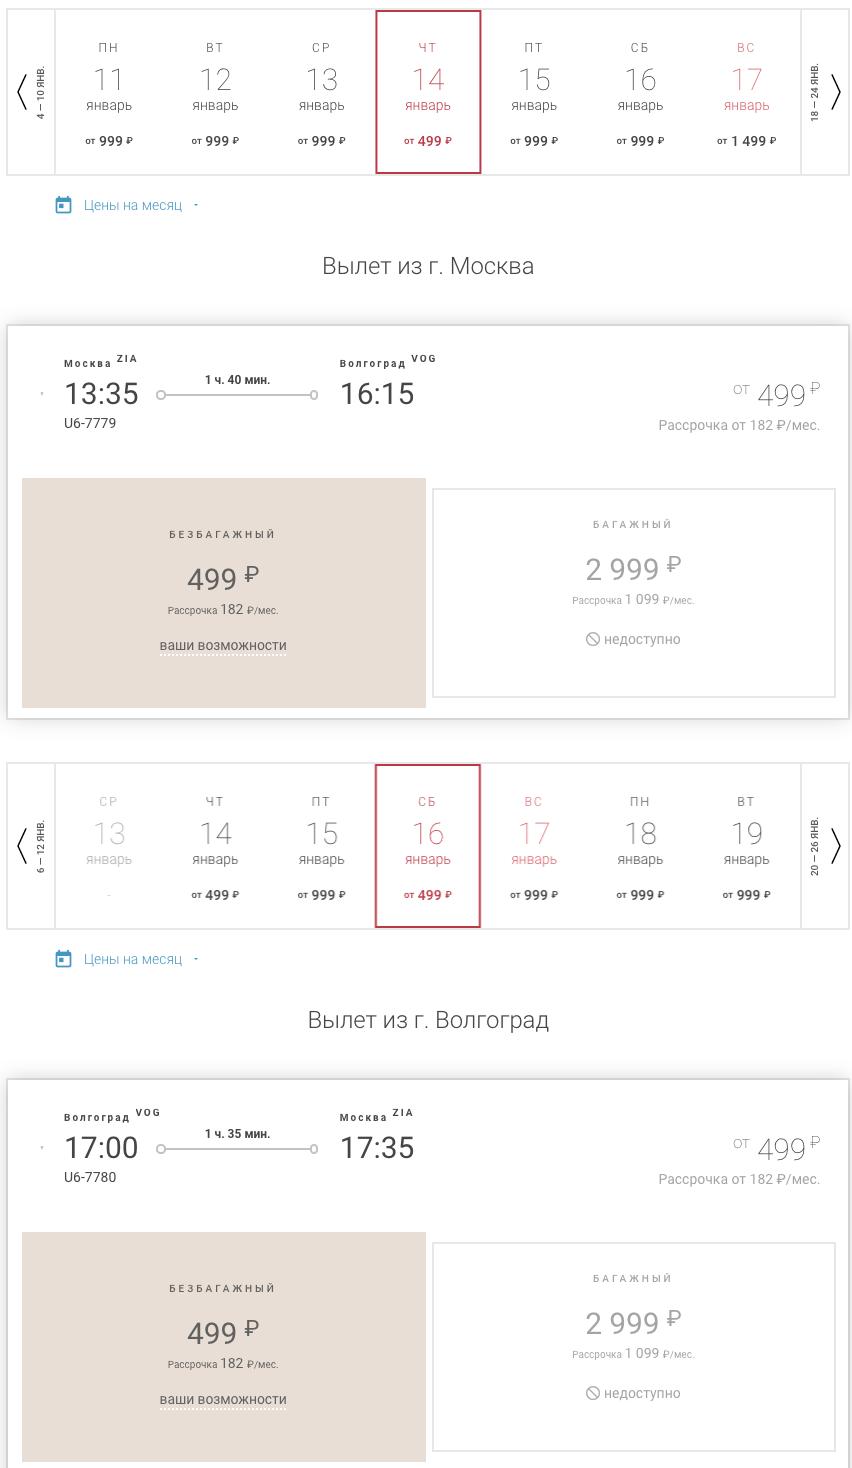 Остатки сладки! Ural Airlines: из МСК в Волгоград, Казань, Пермь, Воронеж и Архангельск за 998₽ туда-обратно